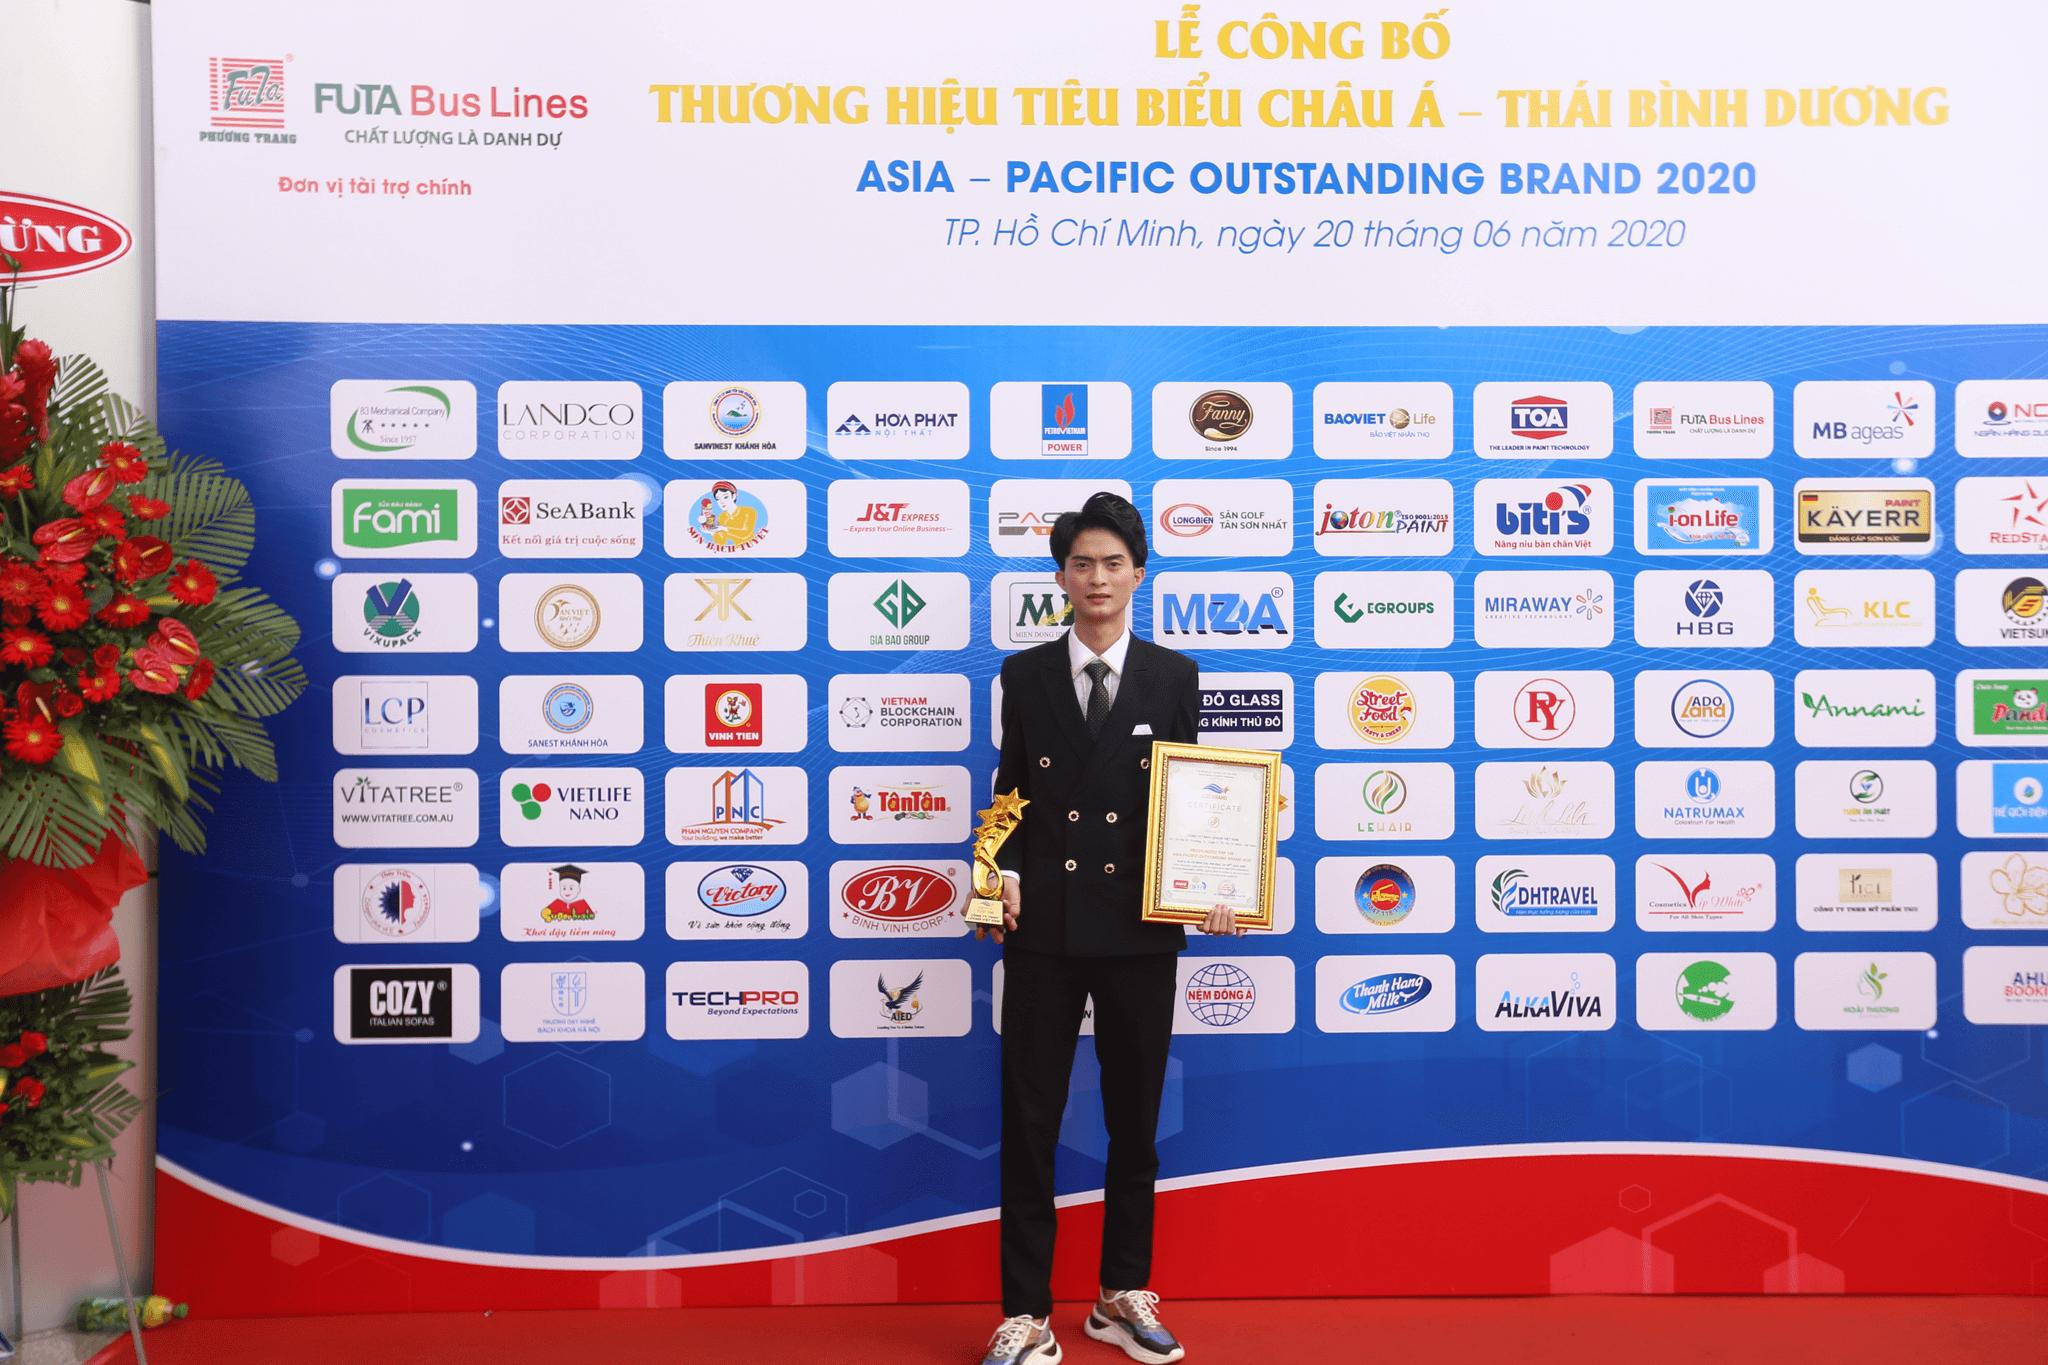 Giải thưởng Recognized Top 100 ASIA - PACIFIC OUTSTANDING BRAND 2020 (Top 100 Thương hiệu Châu Á)